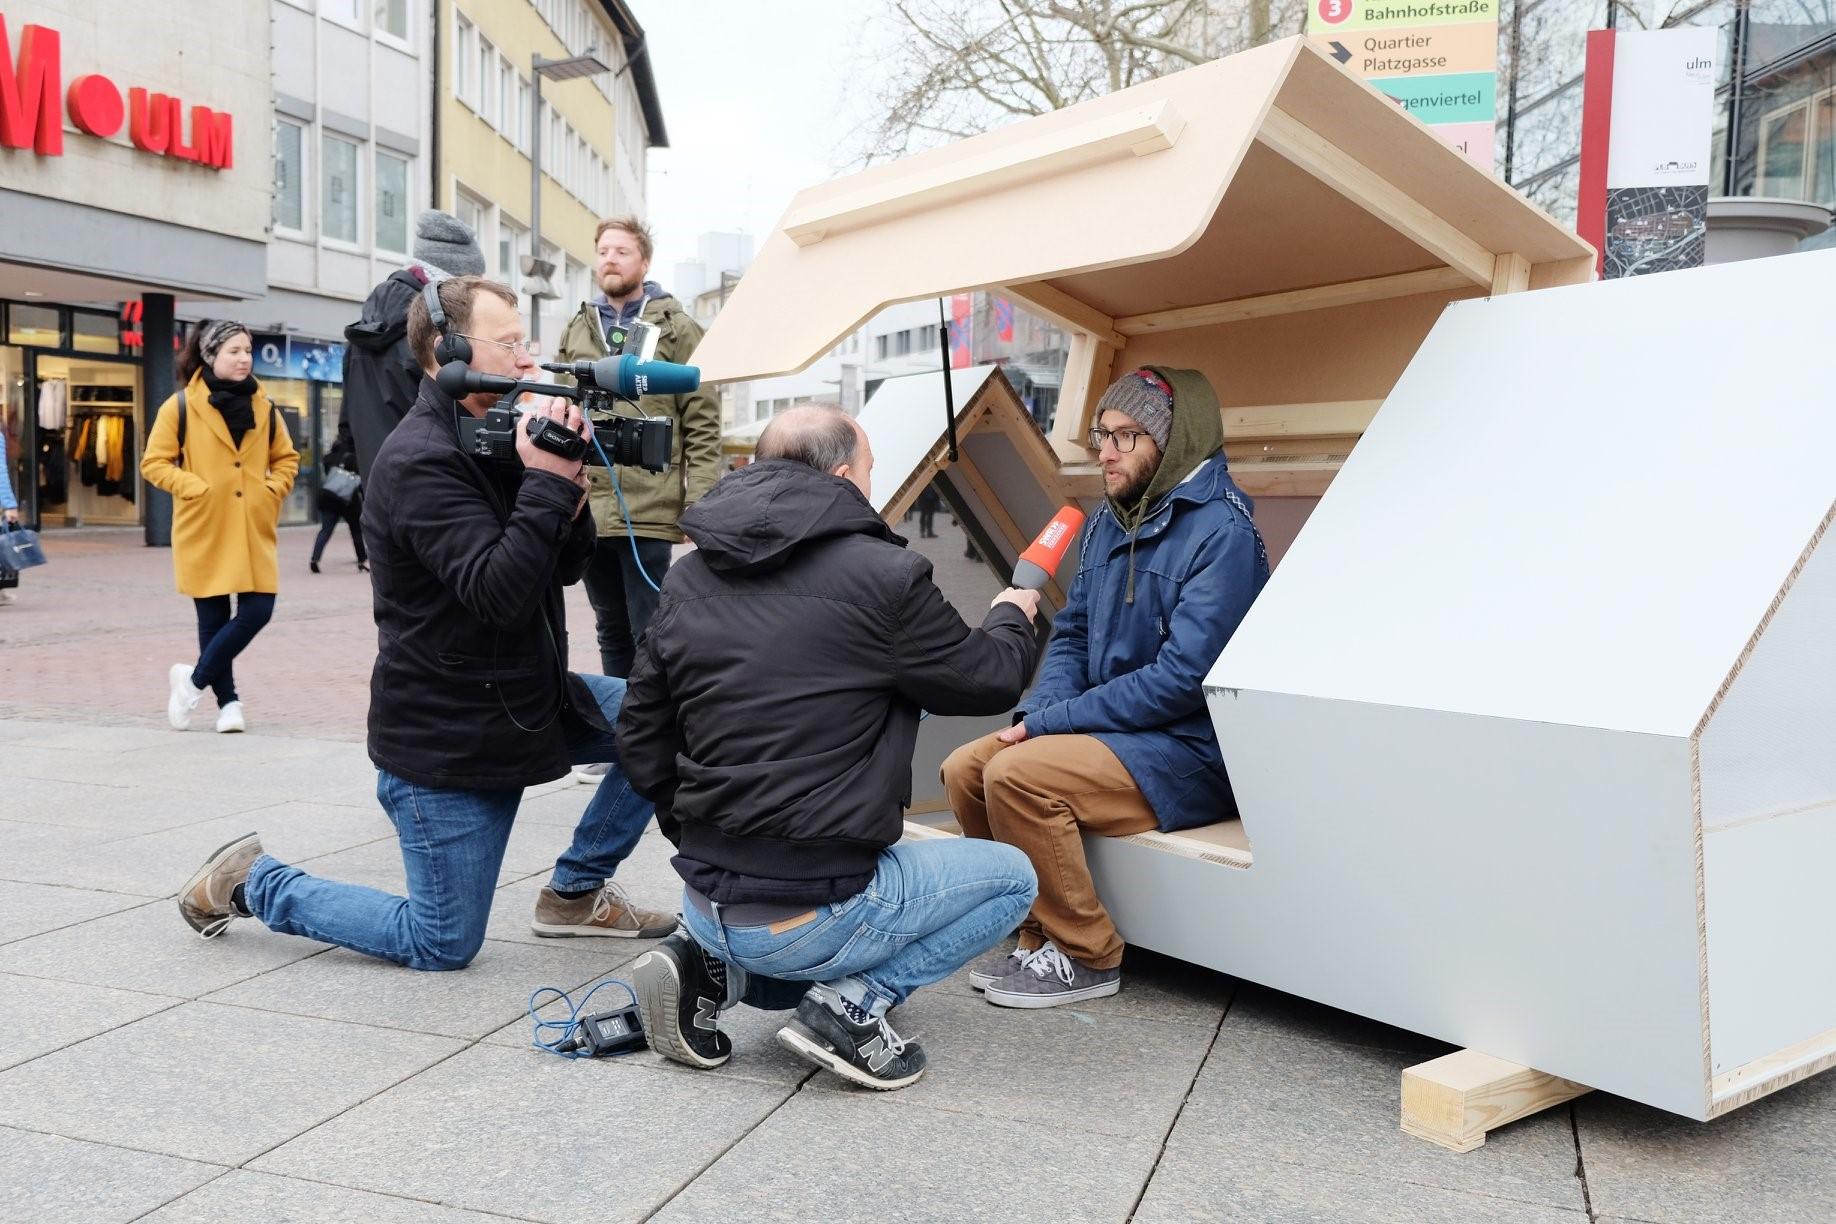 Alemanha cria cápsula abrigo para pessoas sem-teto, que protege do frio intenso e conta com energia solar